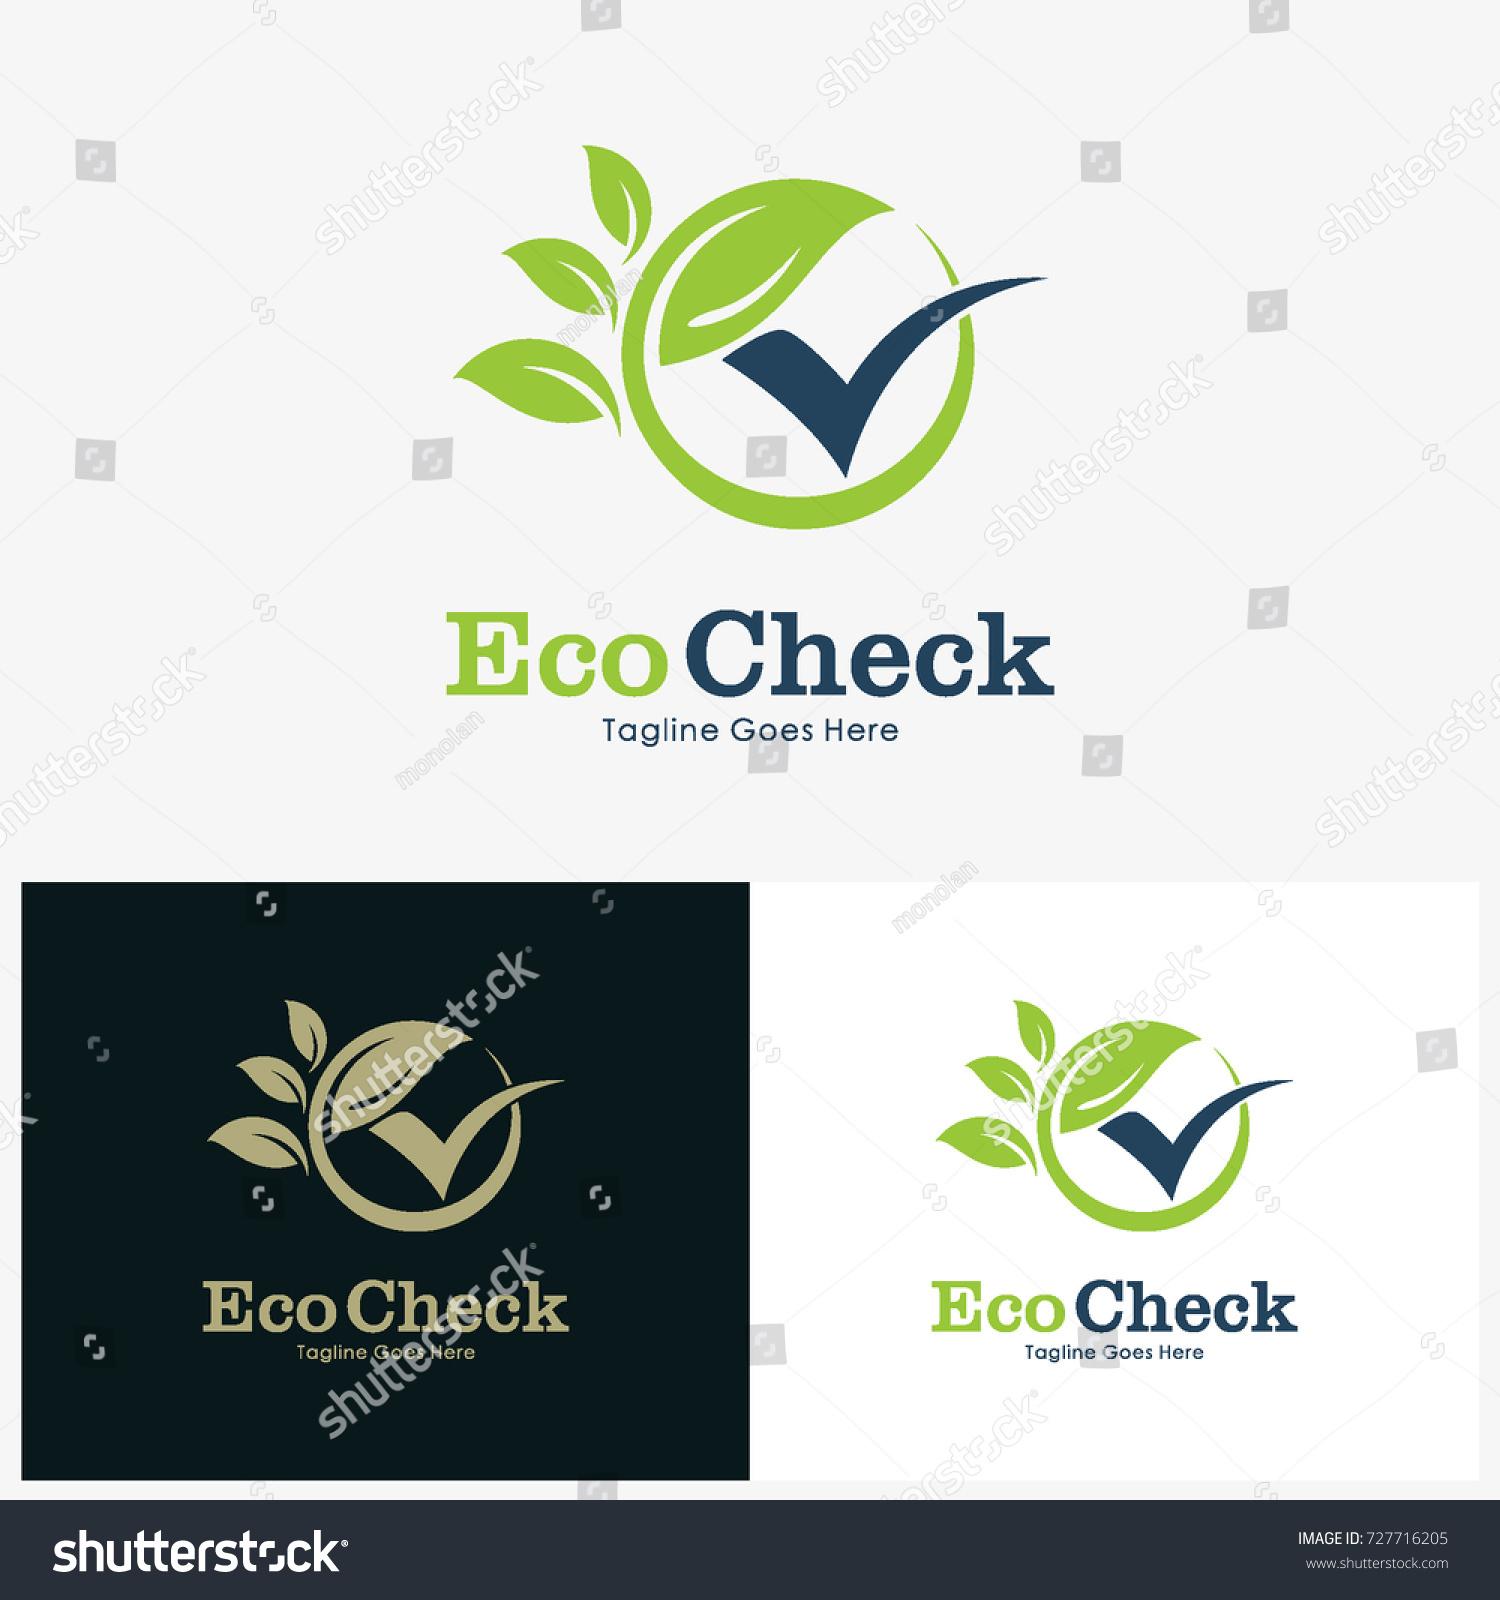 check design template